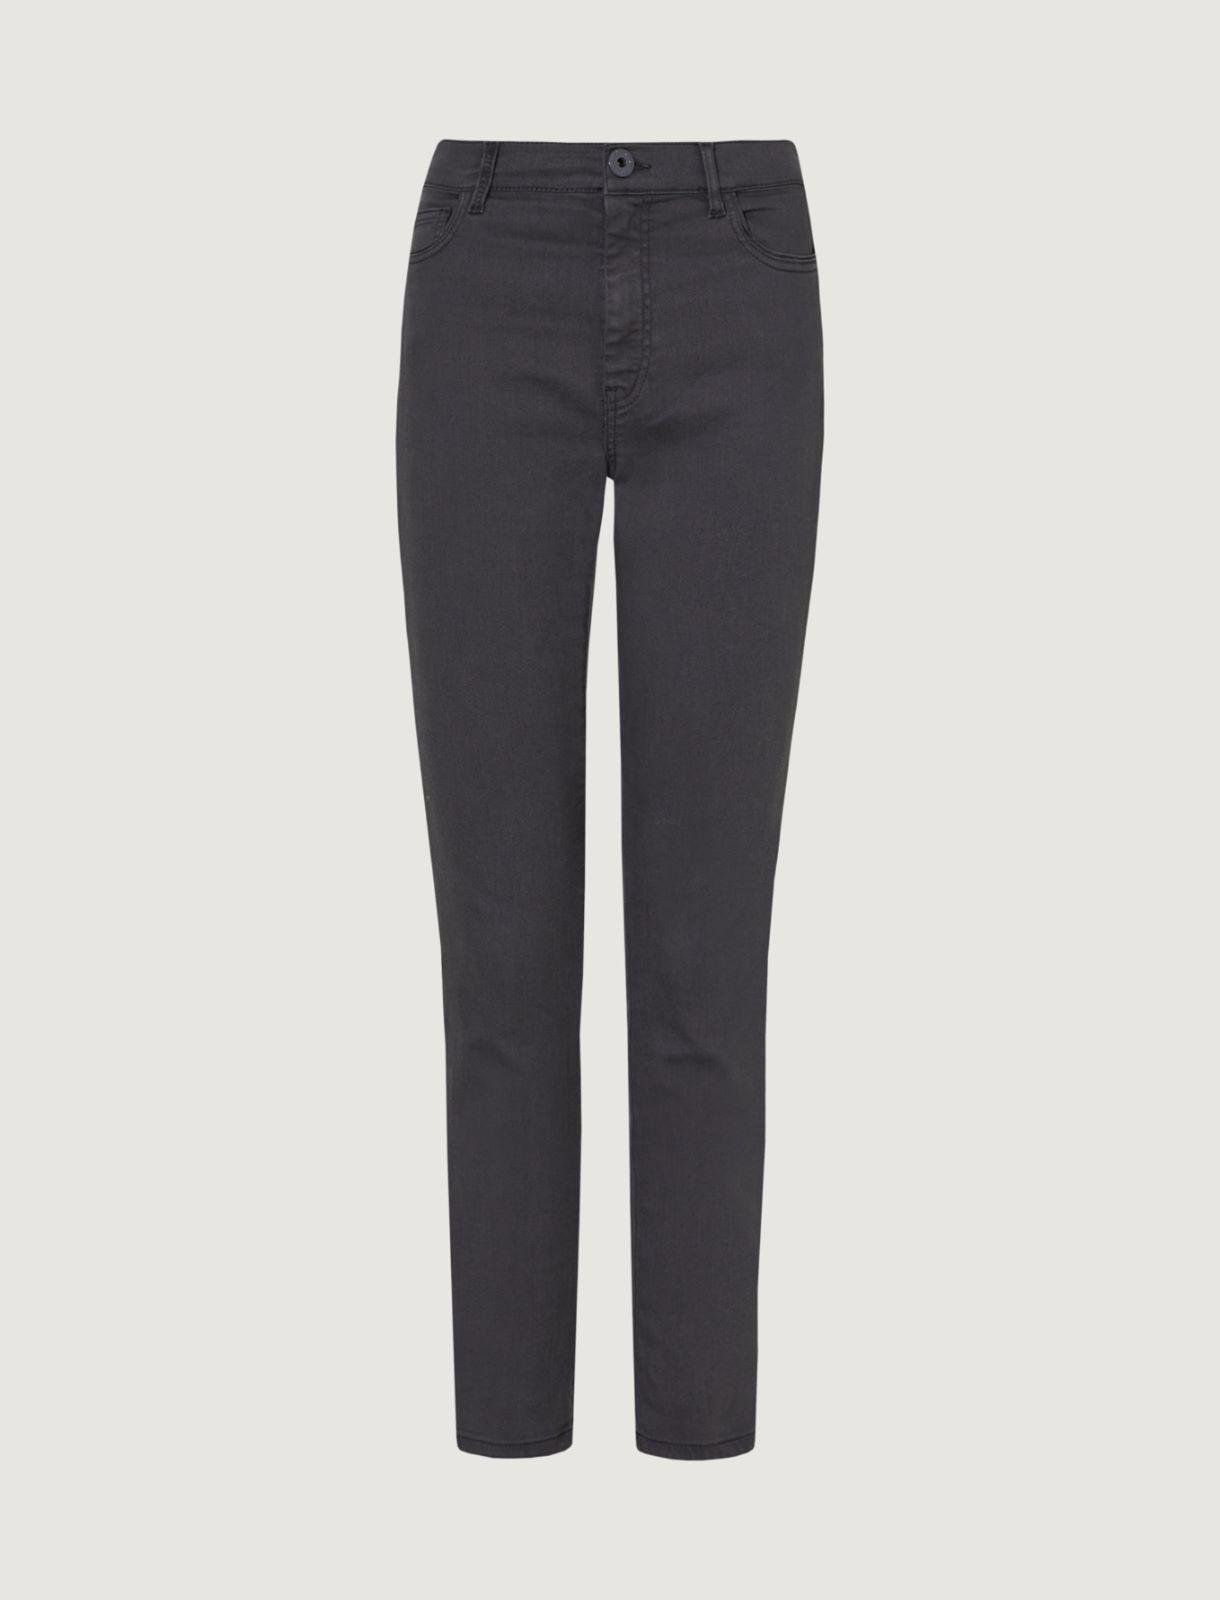 Jeans MONOCHROME Marella